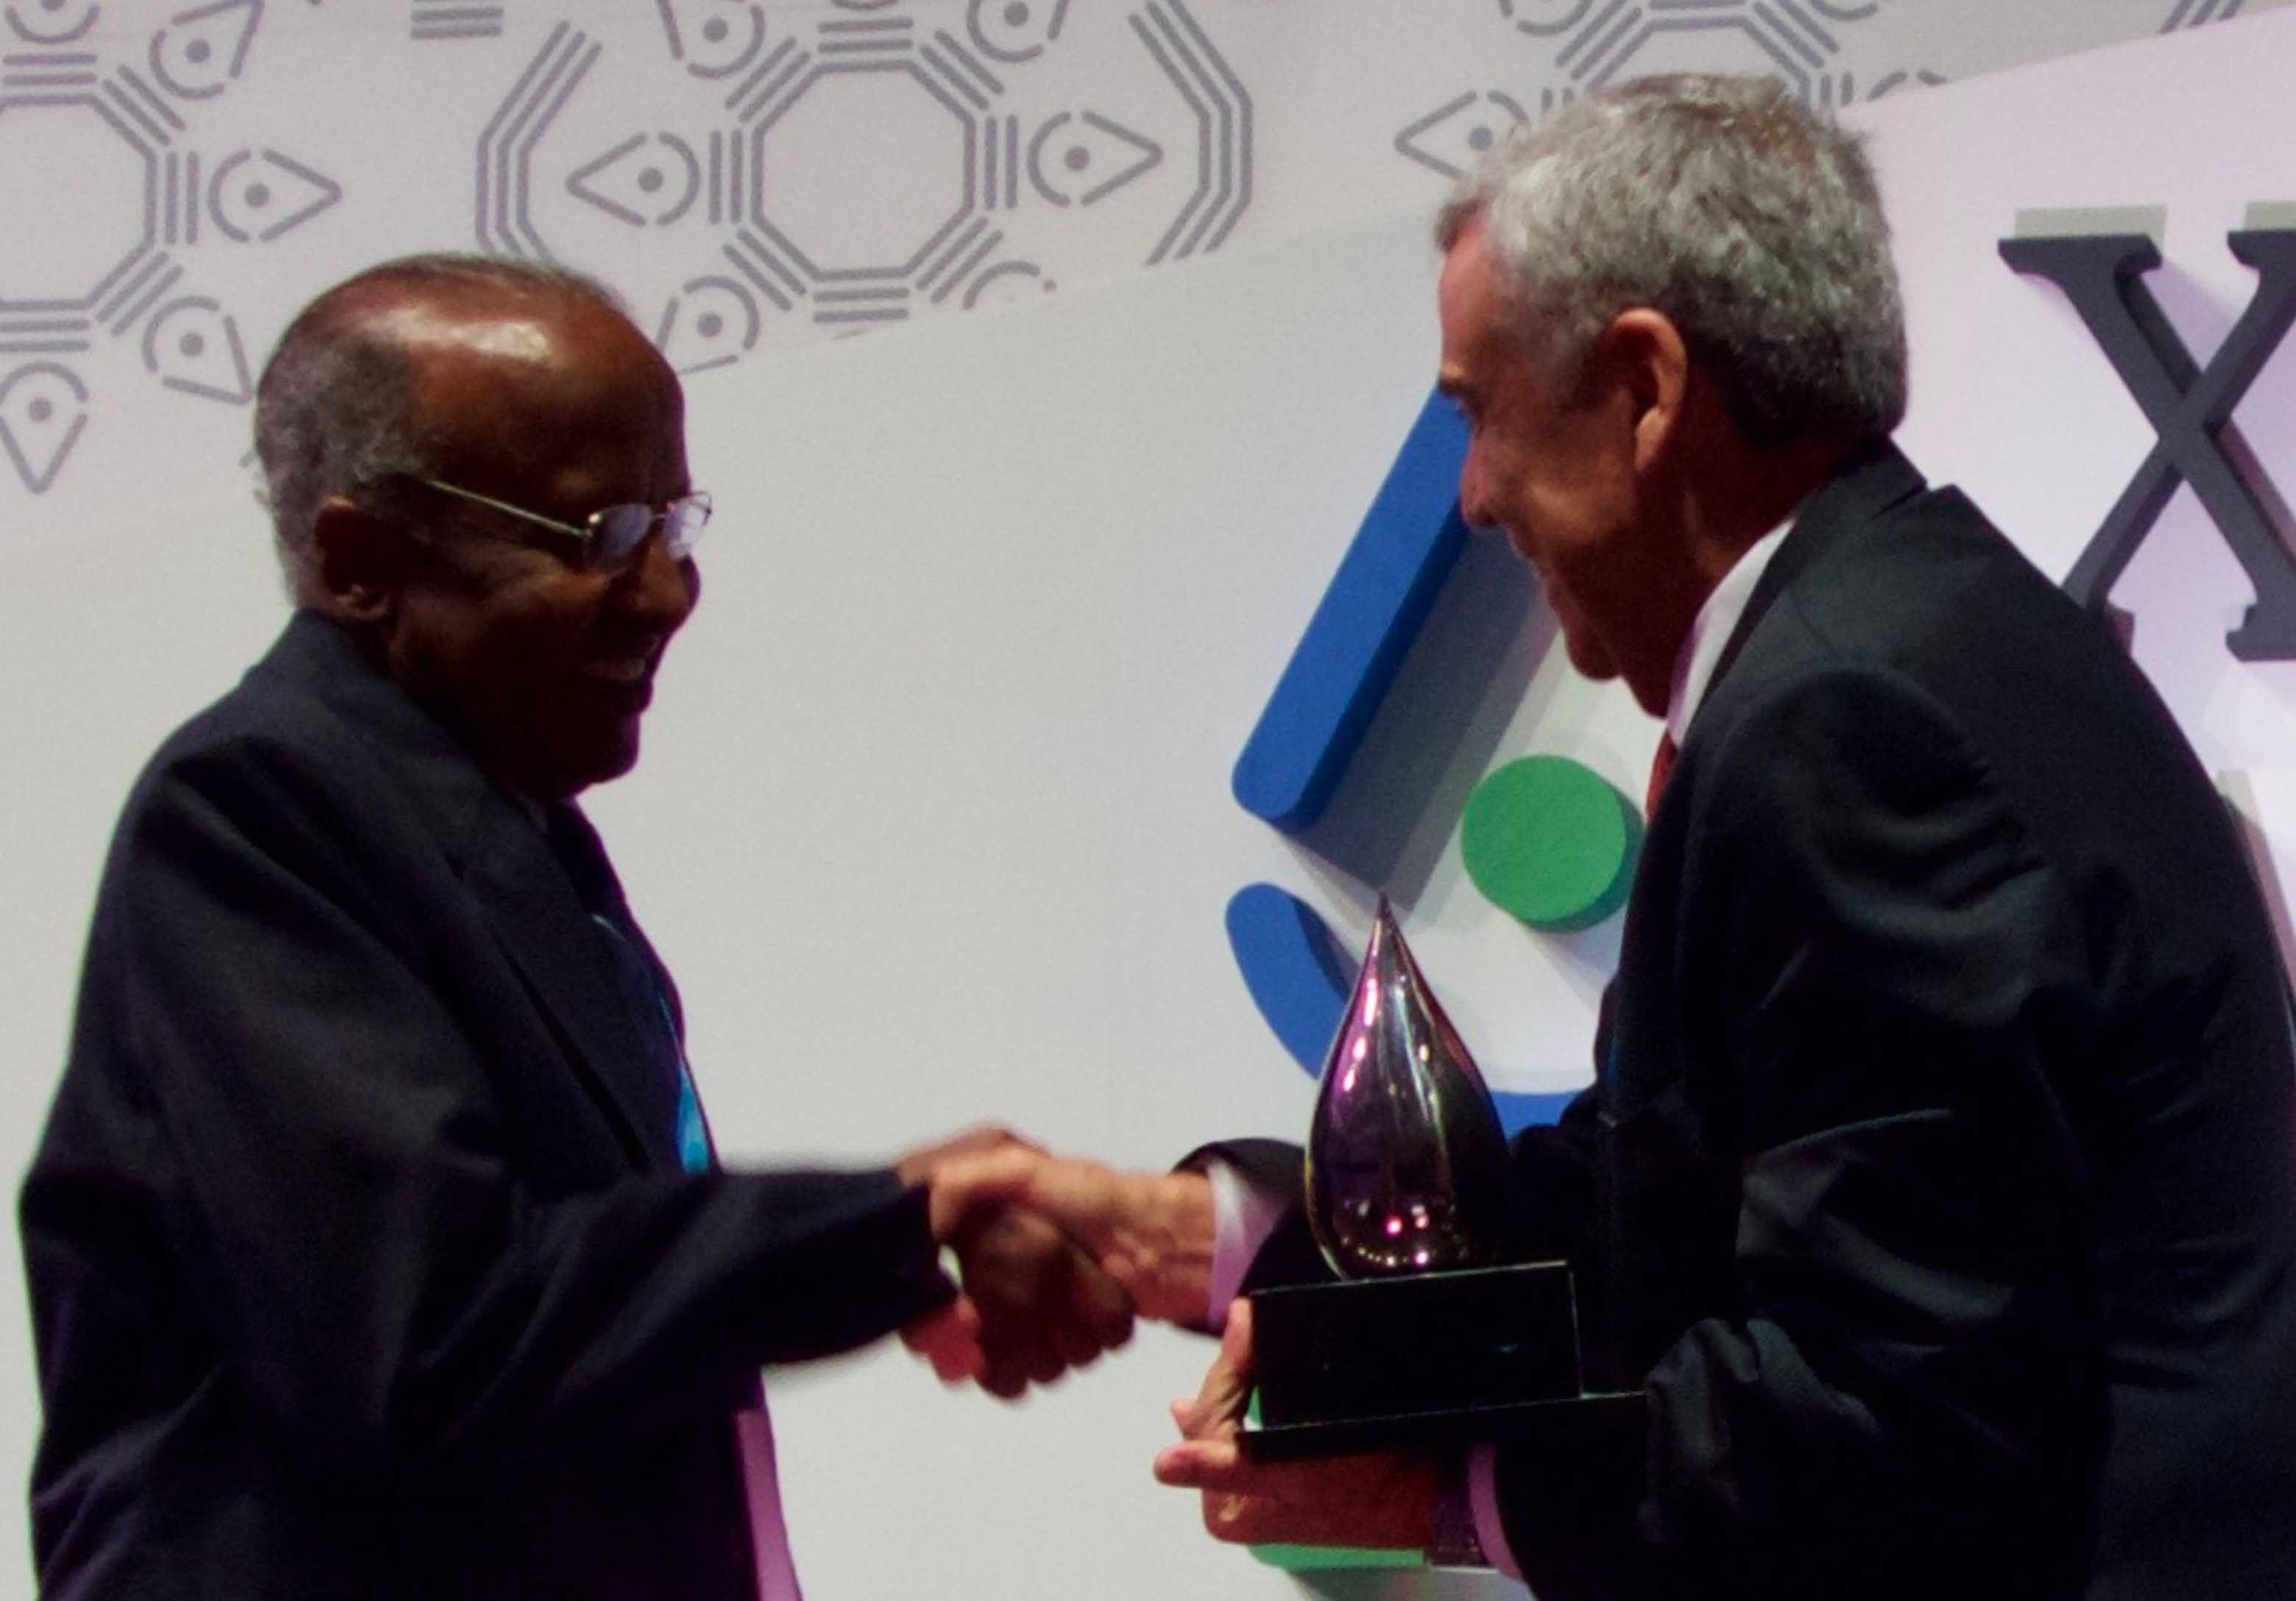 الجمعية الدولية لمصادر المياه تُكرِّم د. سلمان بمنحه جائزة قطرة الكريستال